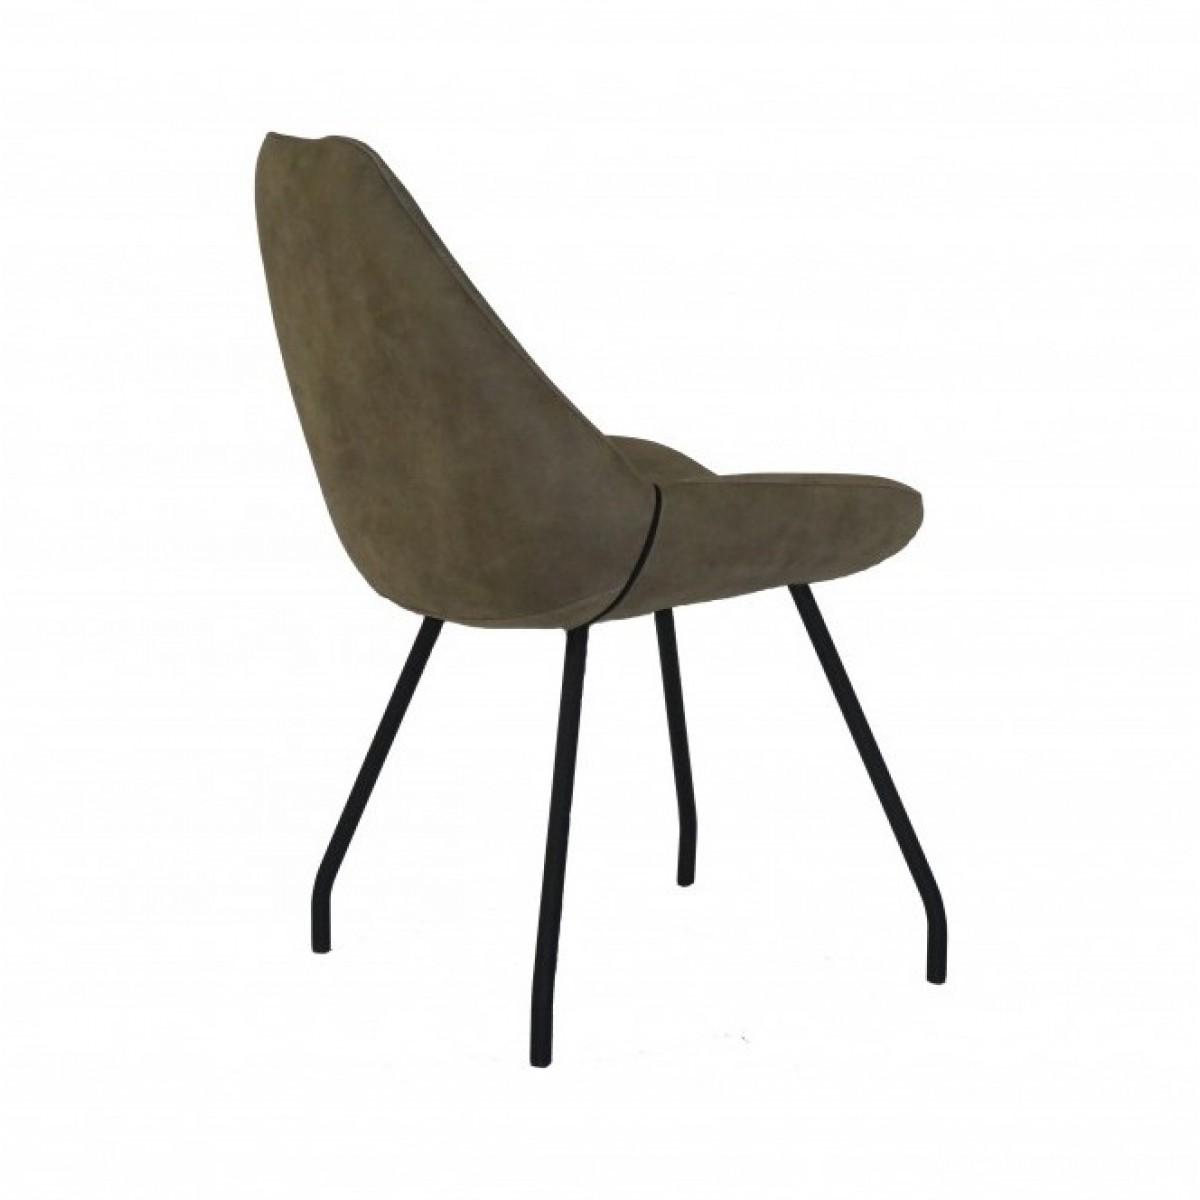 punto-stoel-rug-metalen-poot-zwart-kuipstoel